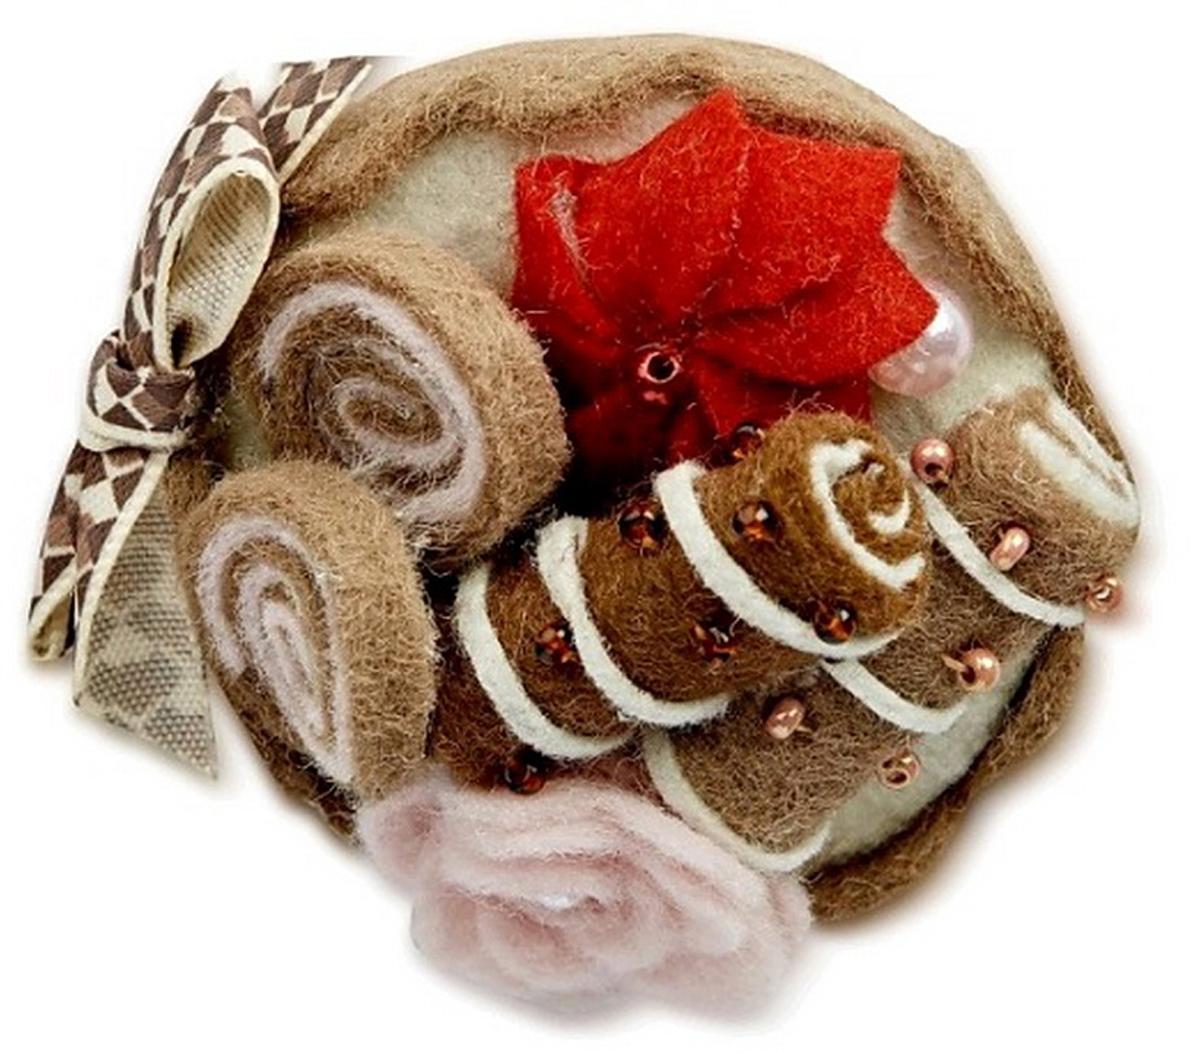 Заколка для волос Malina By Андерсен Кофейные трубочки, цвет: коричневый. 31610тб10 ez combs заколка изи комбс одинарная цвет коричневый зио сердечки